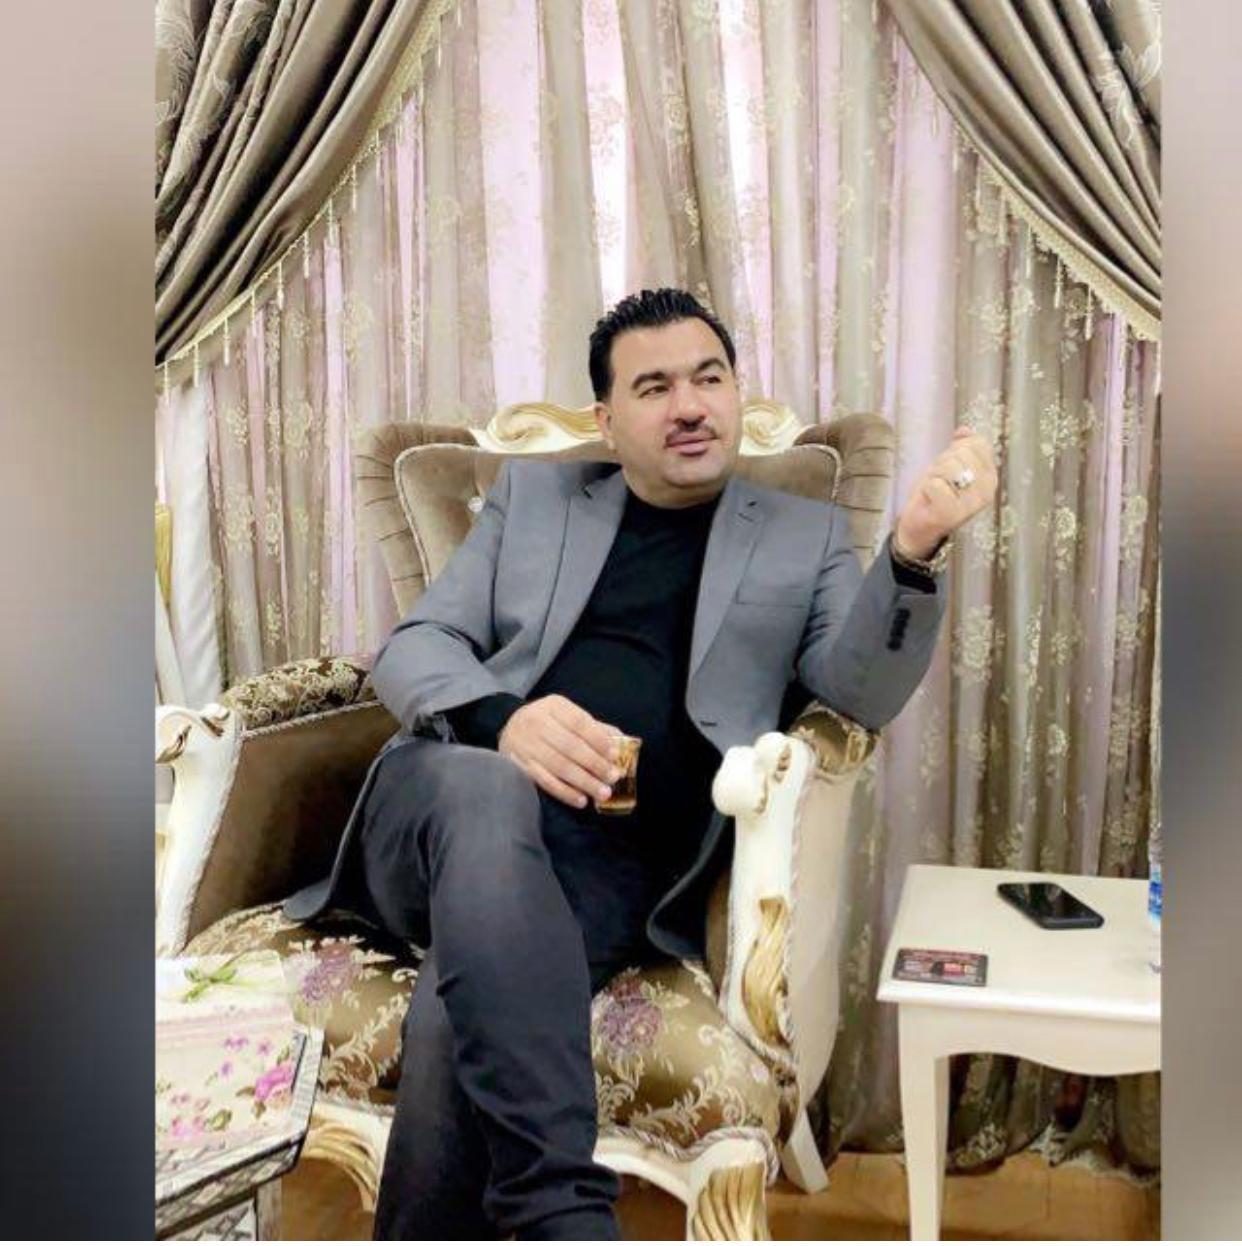 امام الرئيس الكاظمي    بيت مرتضى السوداني وعبدالله السوداني يديرون الكمارك في البصرة……!!